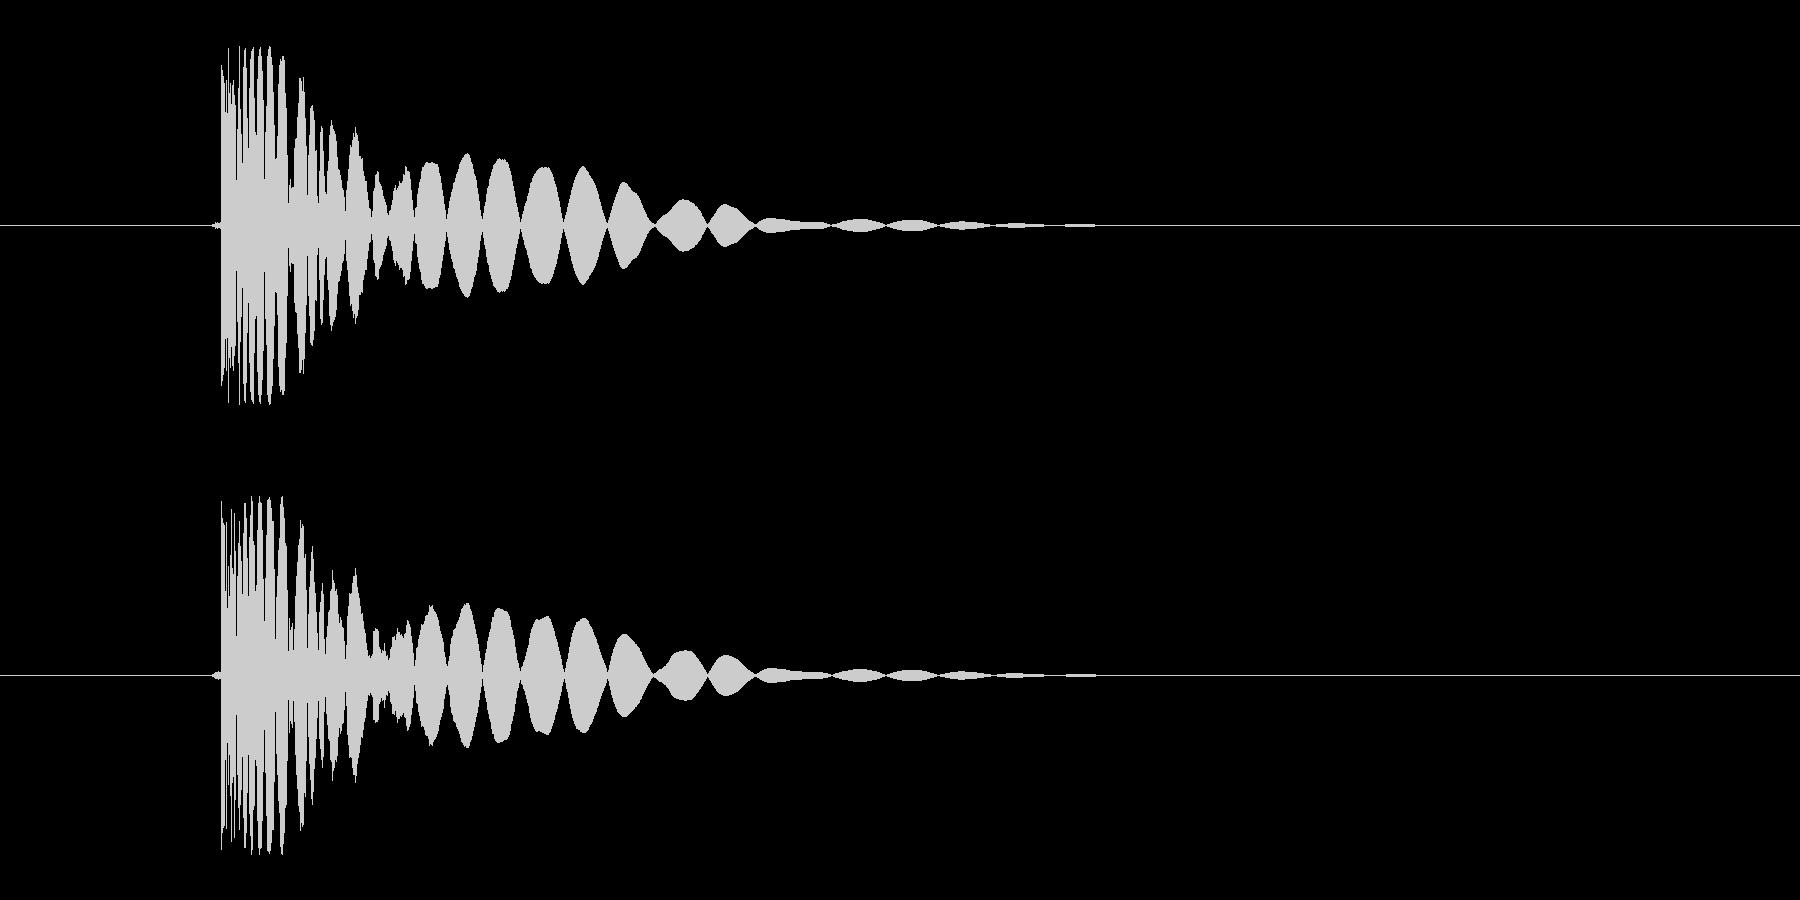 ヒット音(蹴る-1 打撃のインパクト音)の未再生の波形